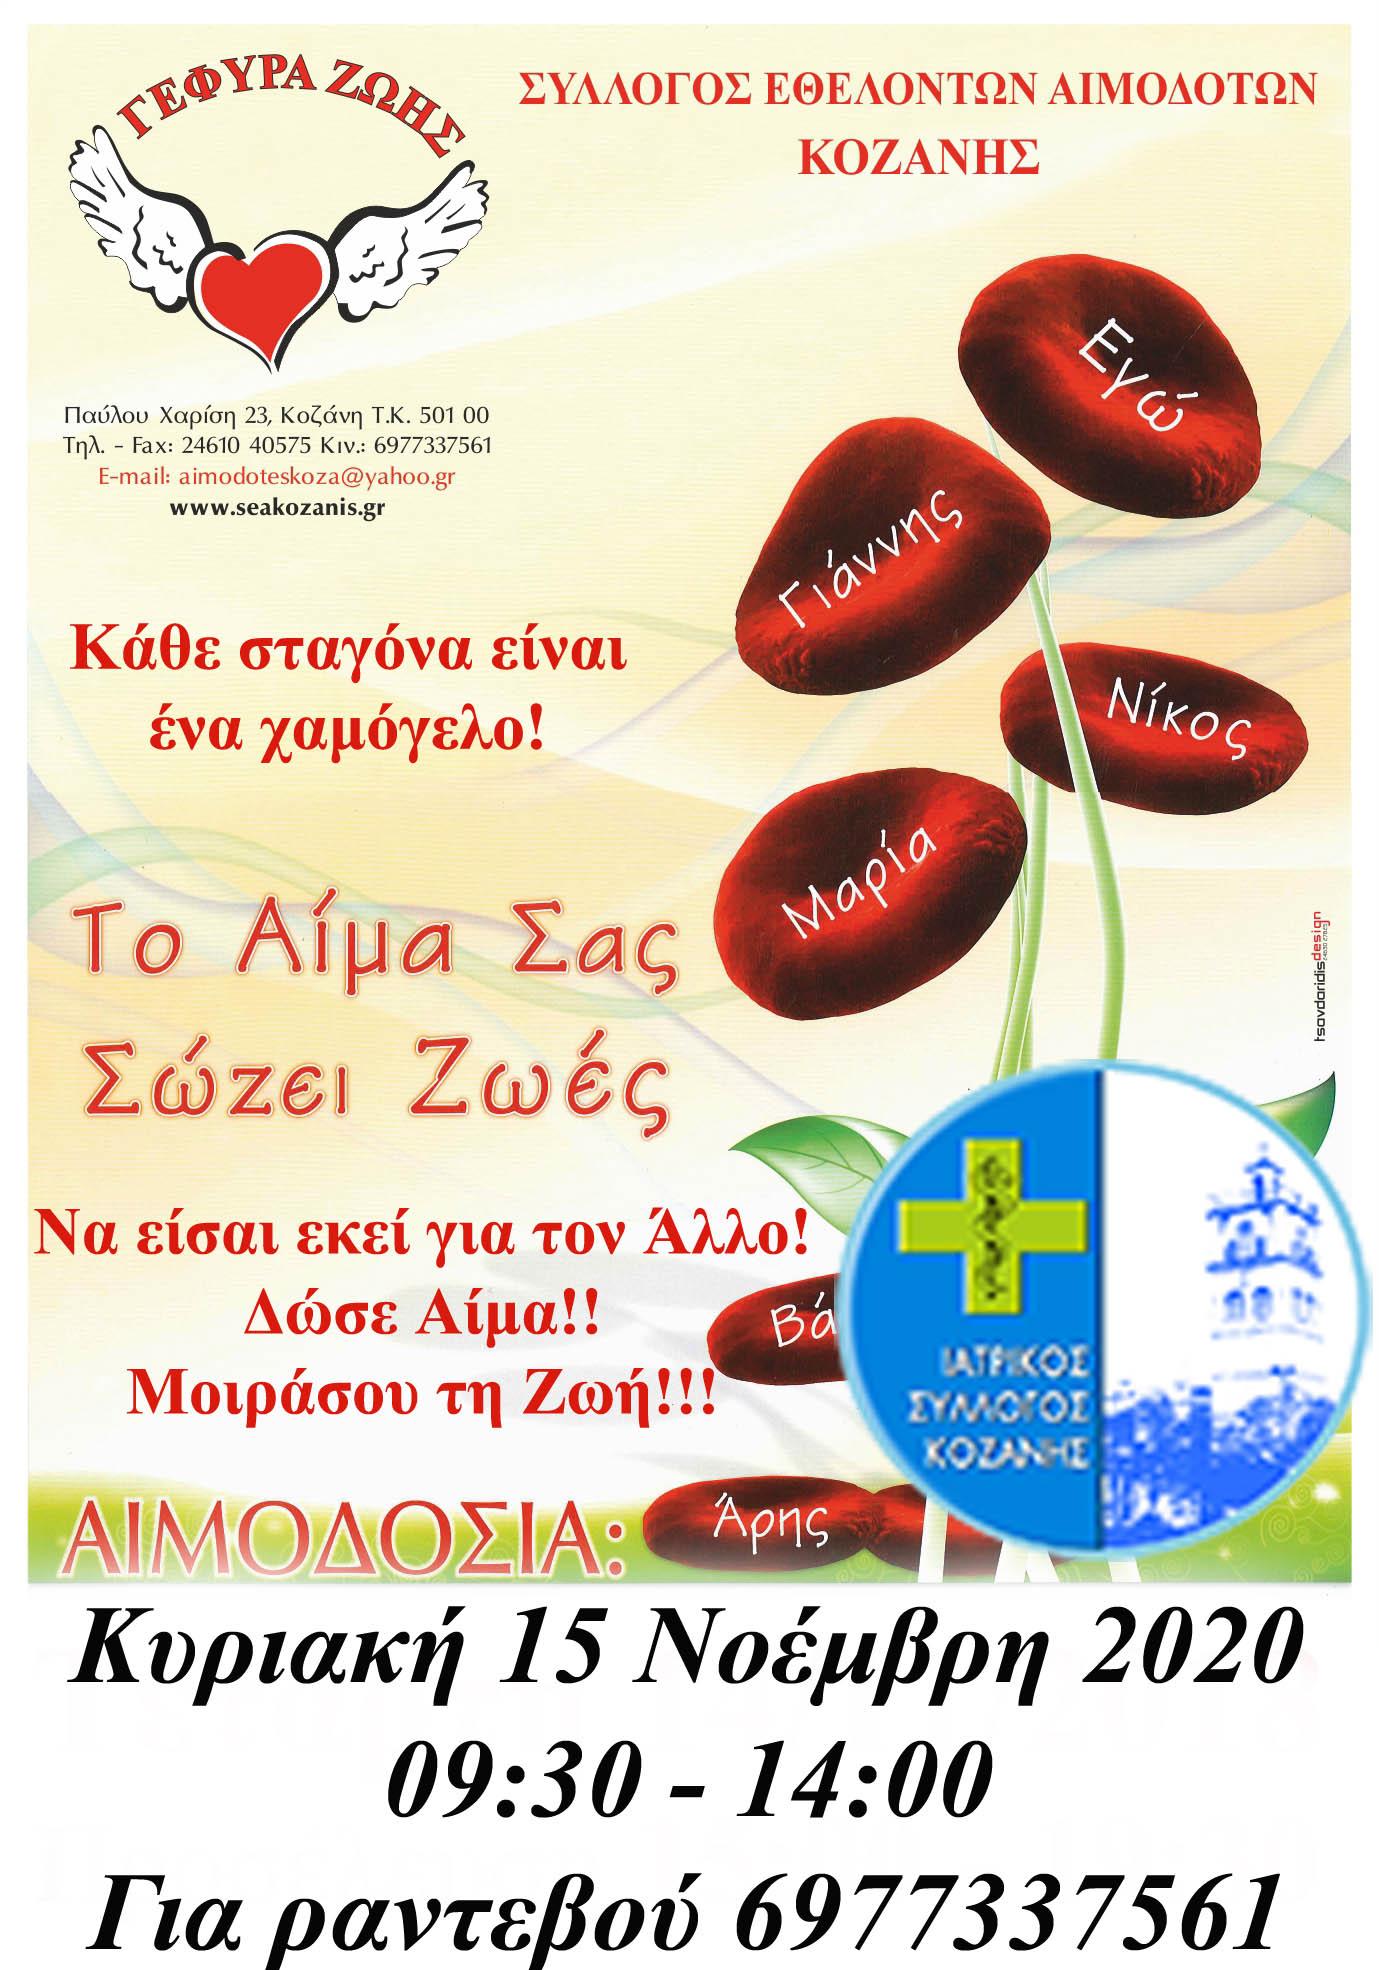 Με τη συμμετοχή του Ιατρικού Συλλόγου Κοζάνης Αιμοδοσία την Κυριακή 15 Νοεμβρίου στο Σύλλογο Αιμοδοτών